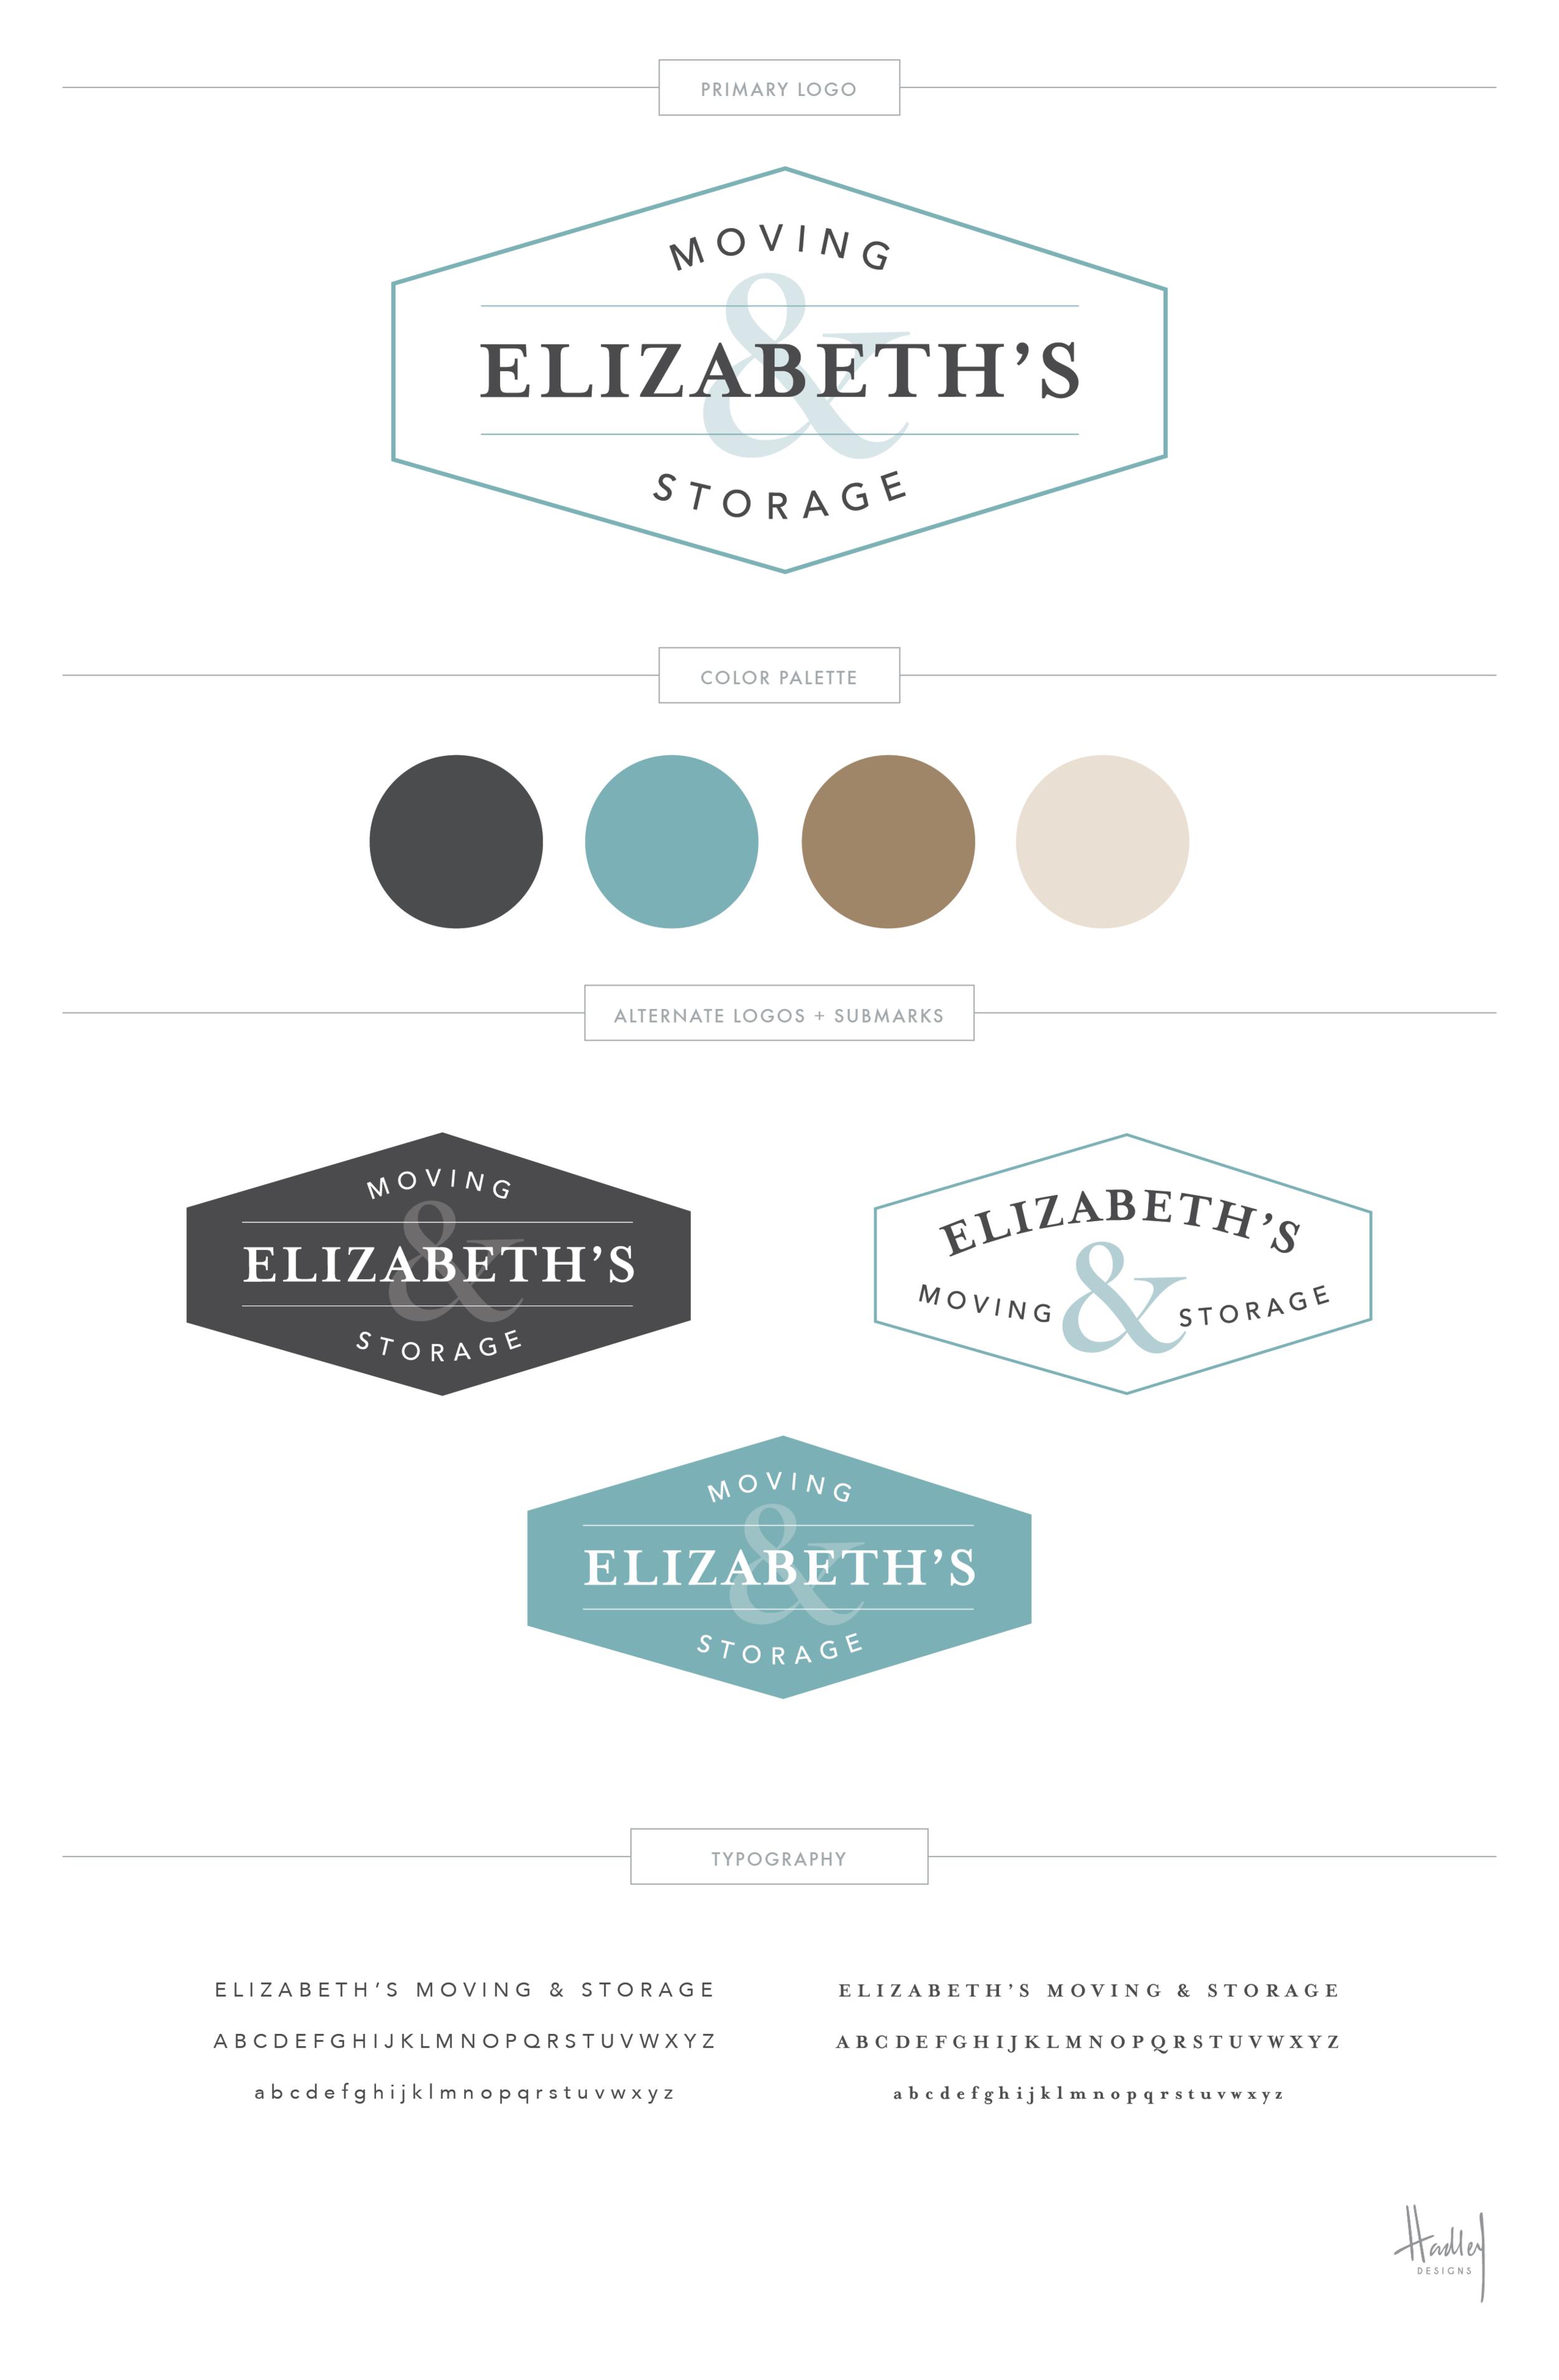 Elizabeths_Branding.png